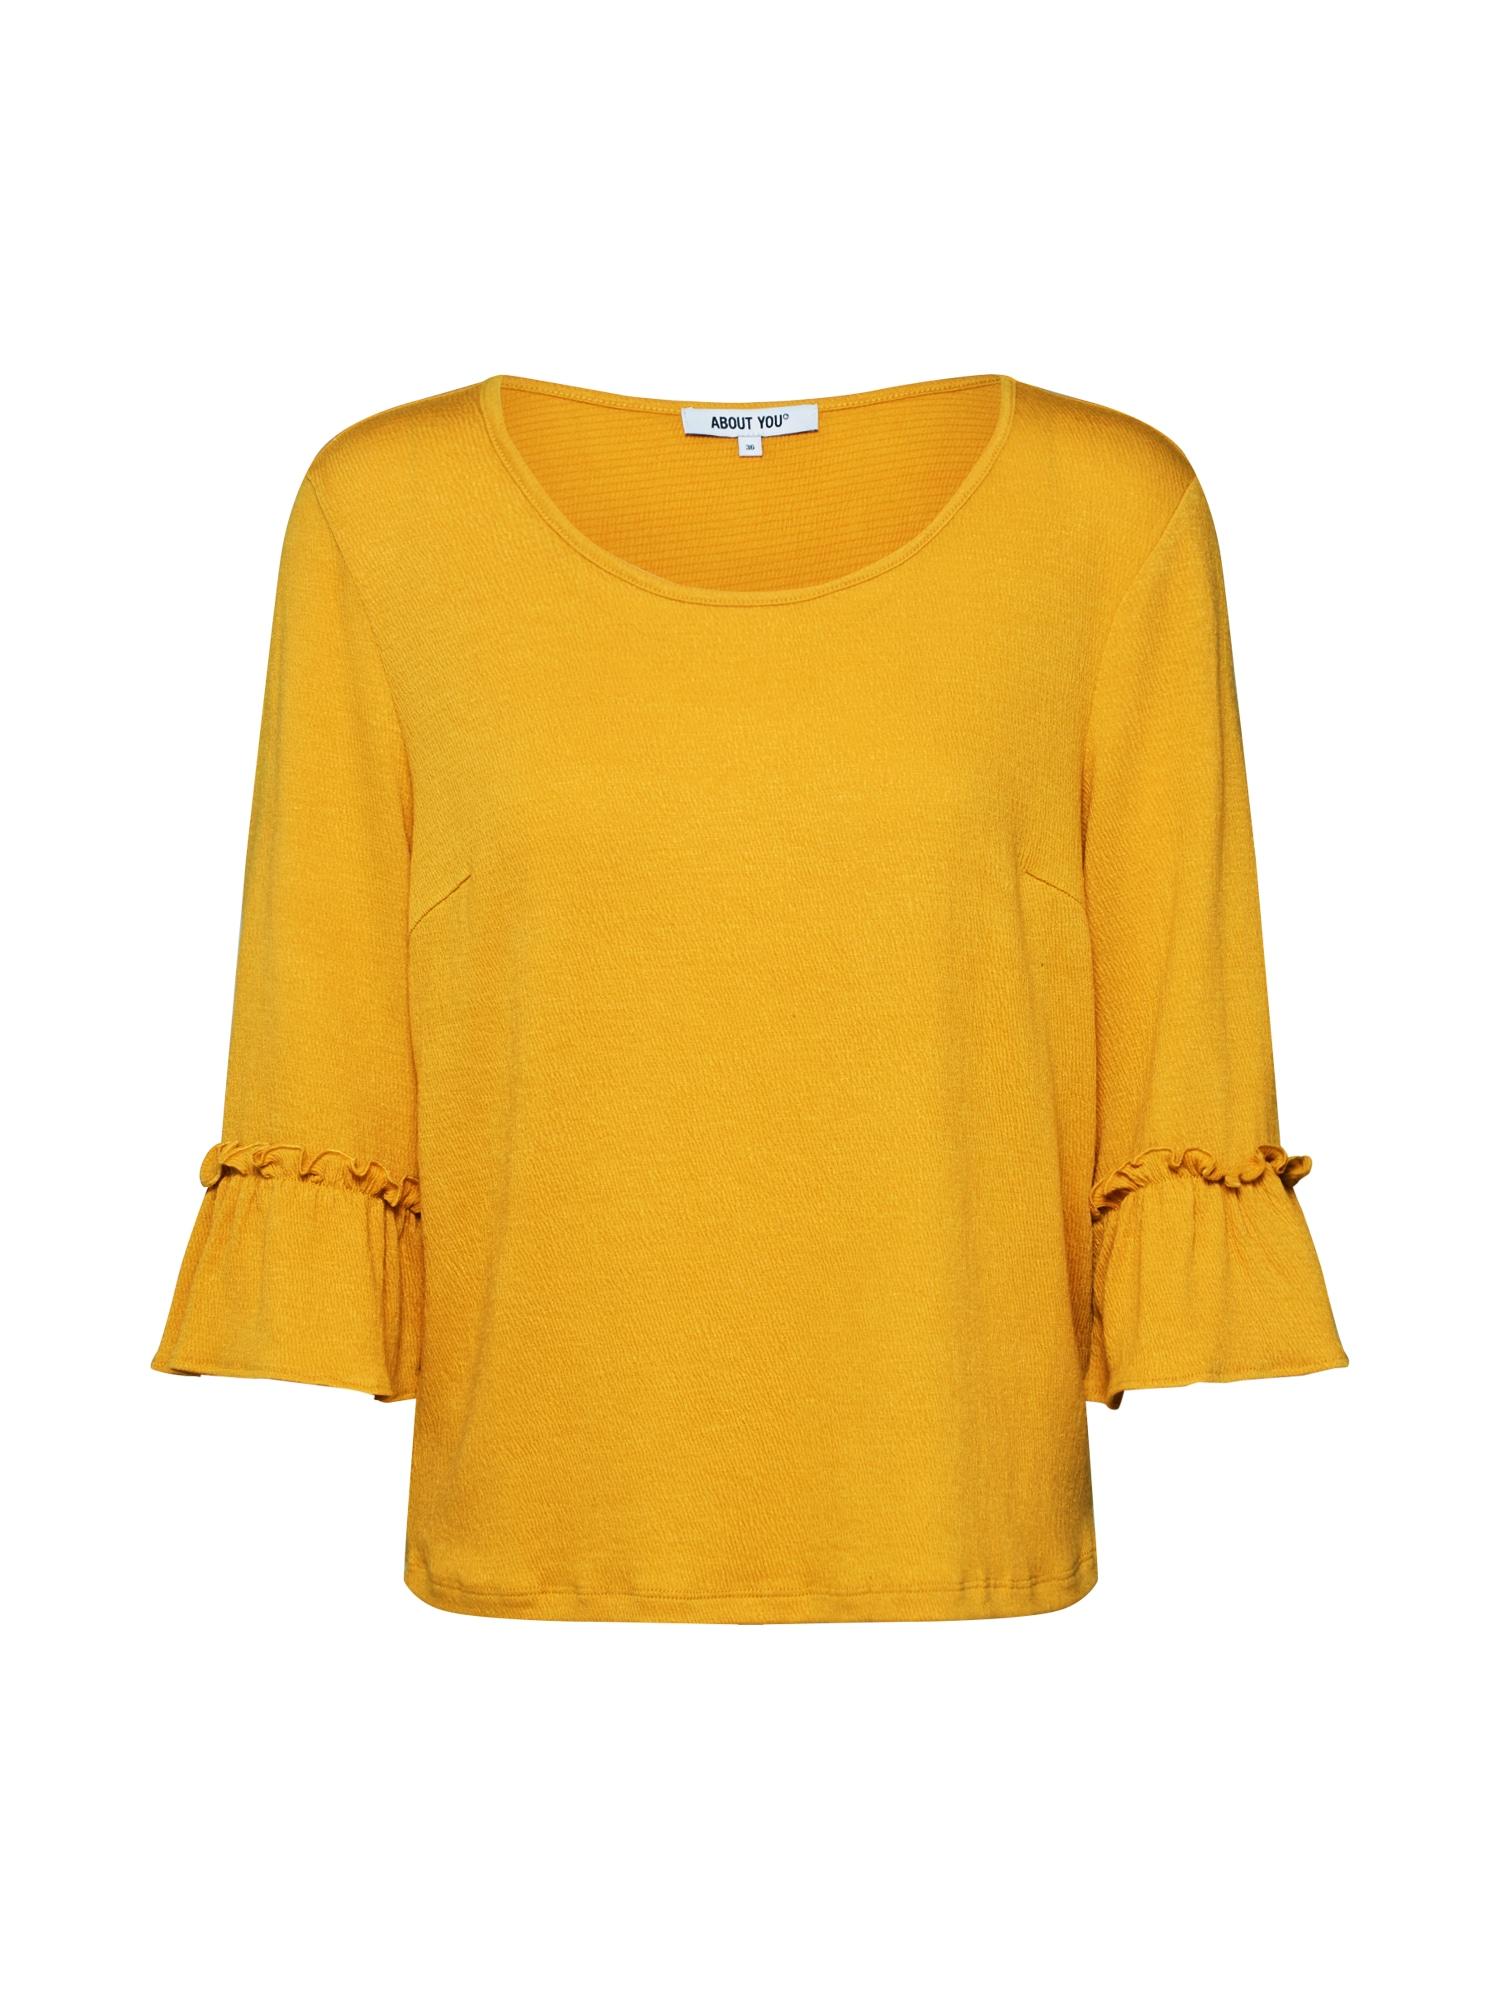 ABOUT YOU Marškinėliai 'Jessa' garstyčių spalva